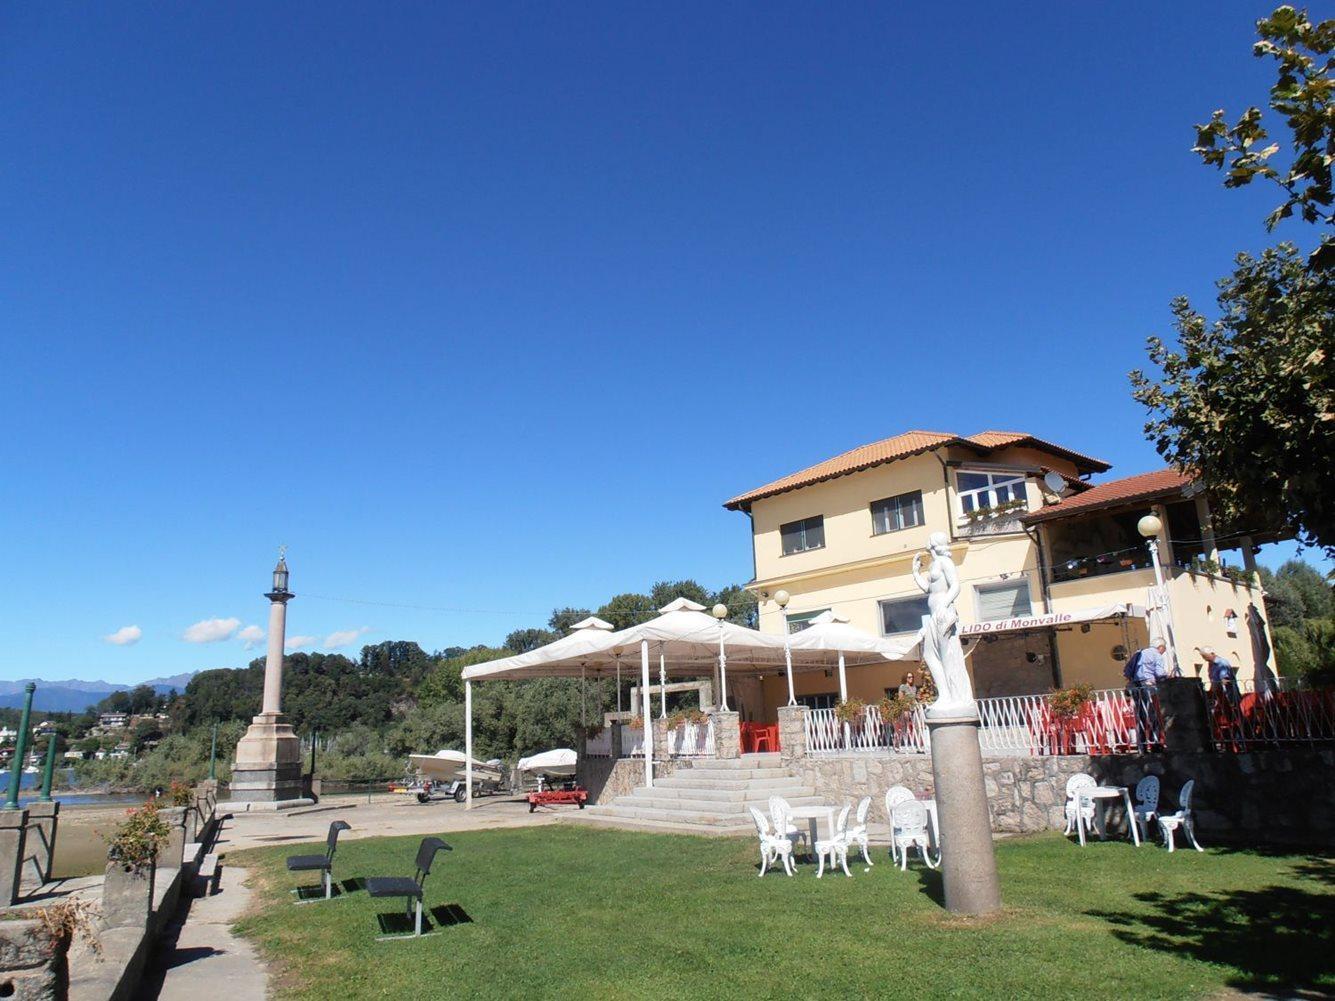 camping-lago-maggiore-lido-monvalle-1